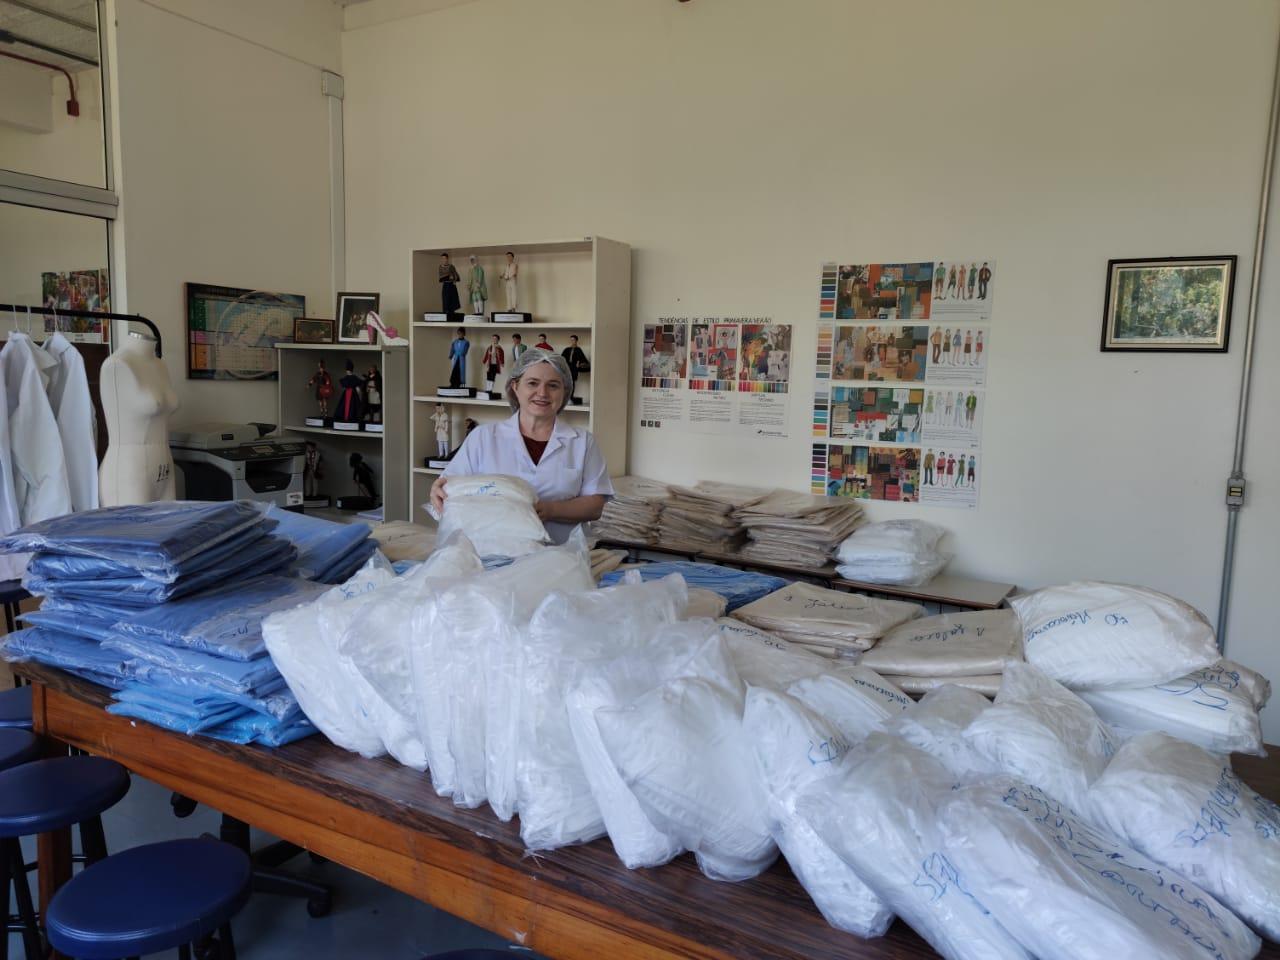 Voluntários da UPF entregam 3,5 mil máscaras descartáveis para uso no enfrentamento da covid-19 em Passo Fundo